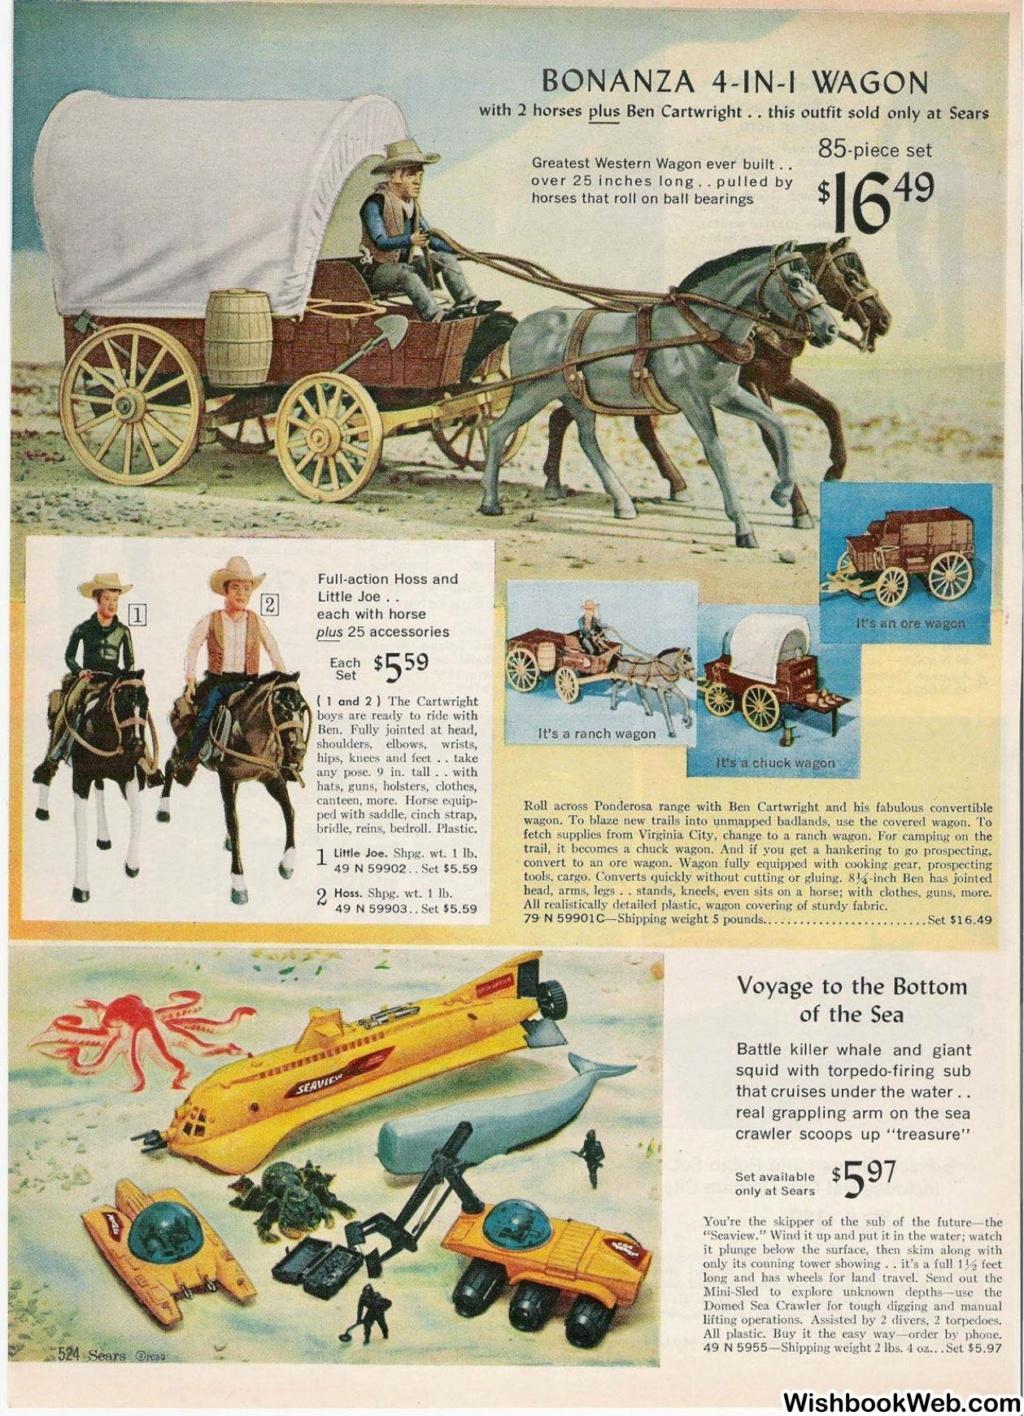 publicités jouets vintage - vin tage toys ad 12655010